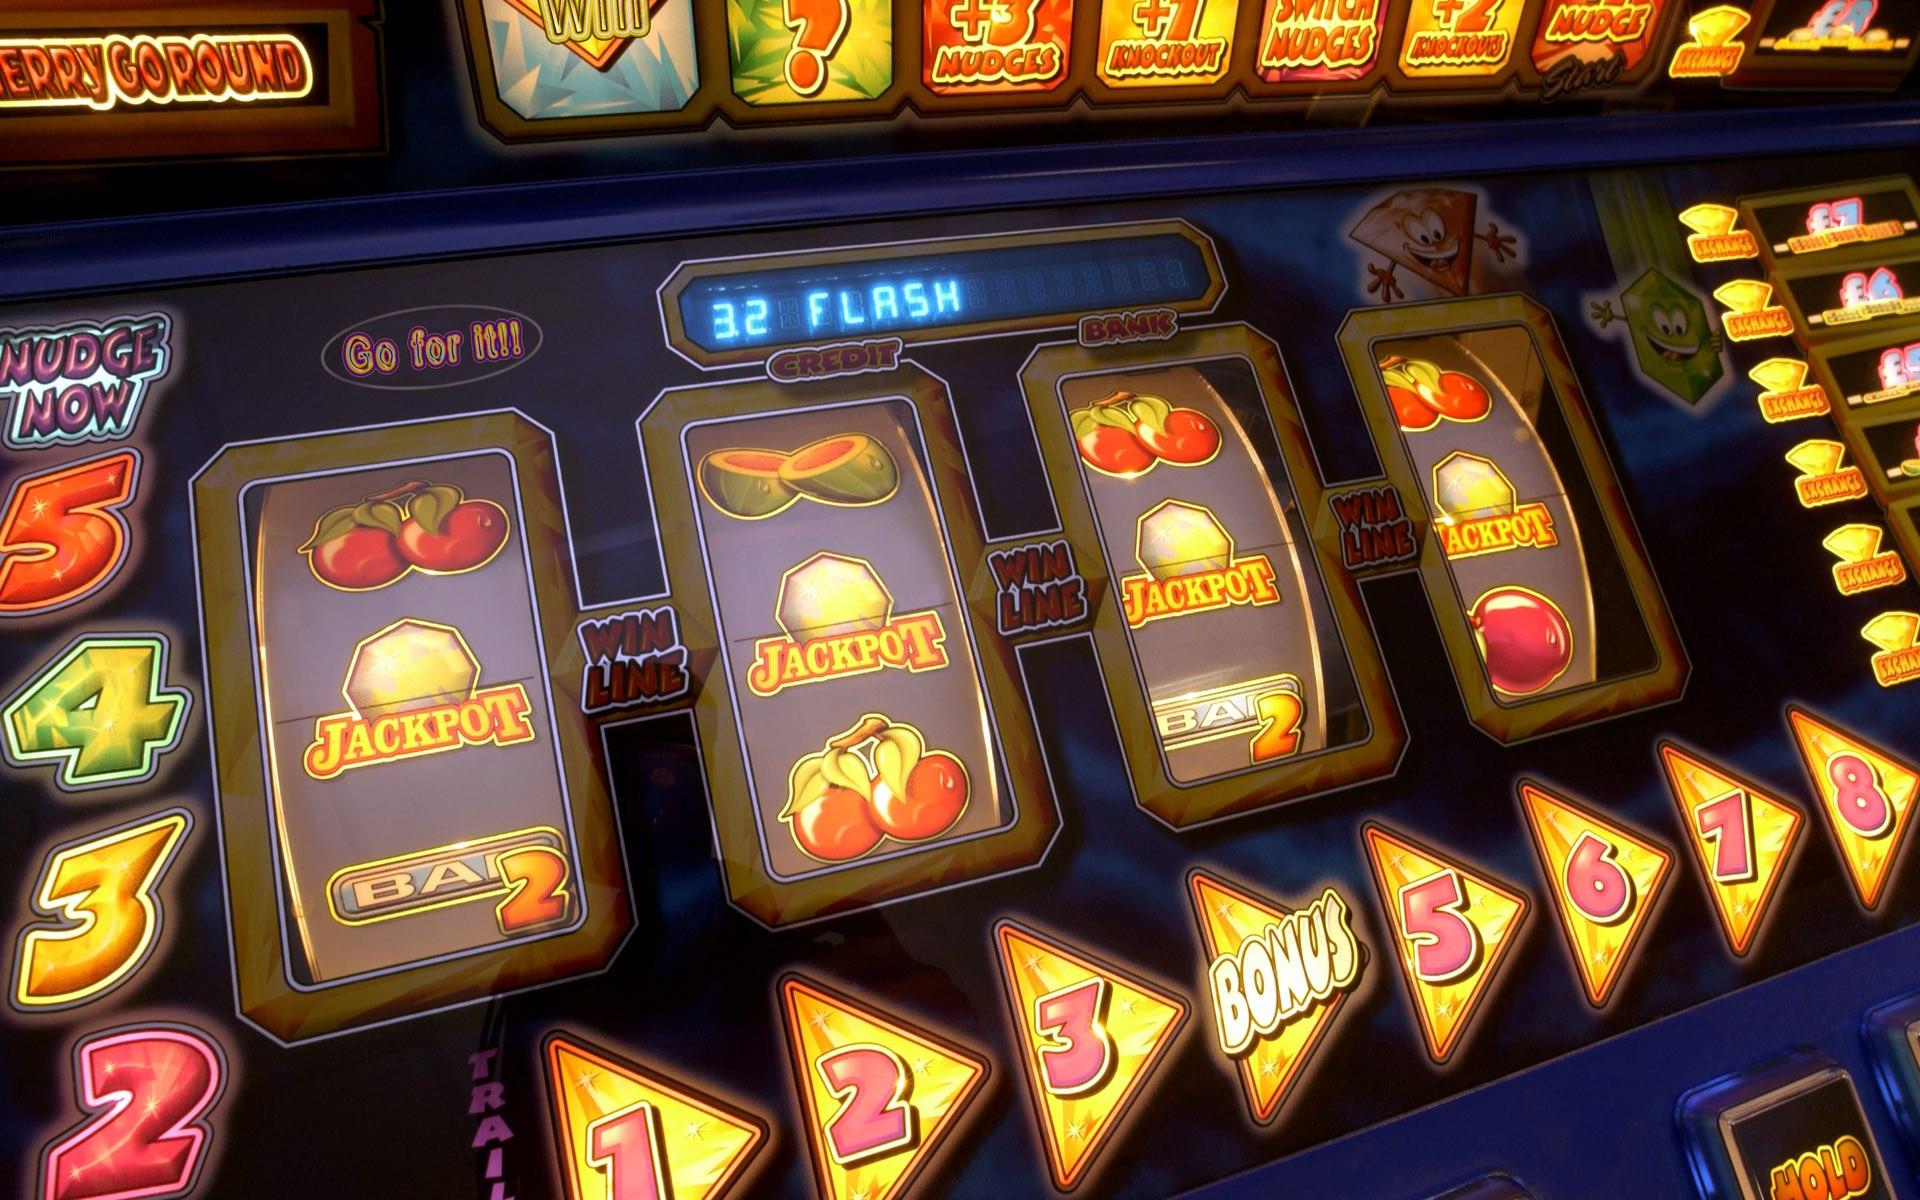 Лучшие игровые автоматы - высокая и низкая волатильность и доходность